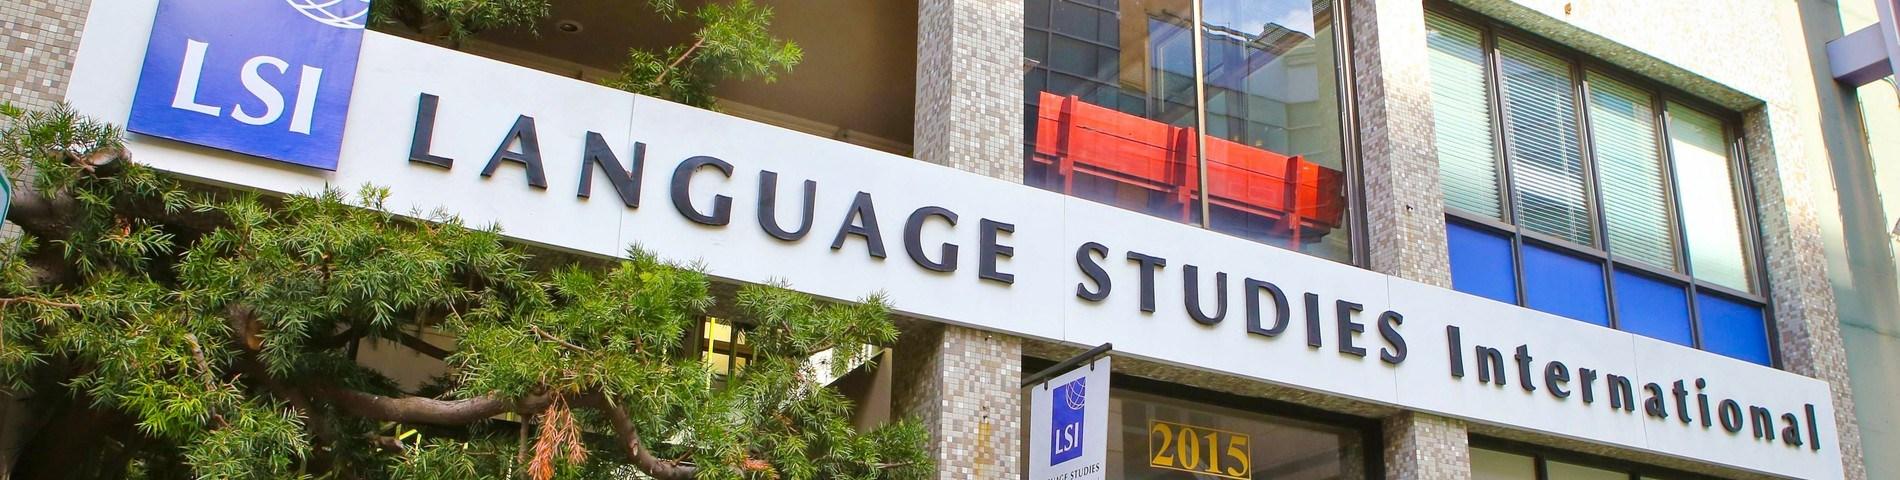 Imatge 1 de l'escola LSI - Language Studies International